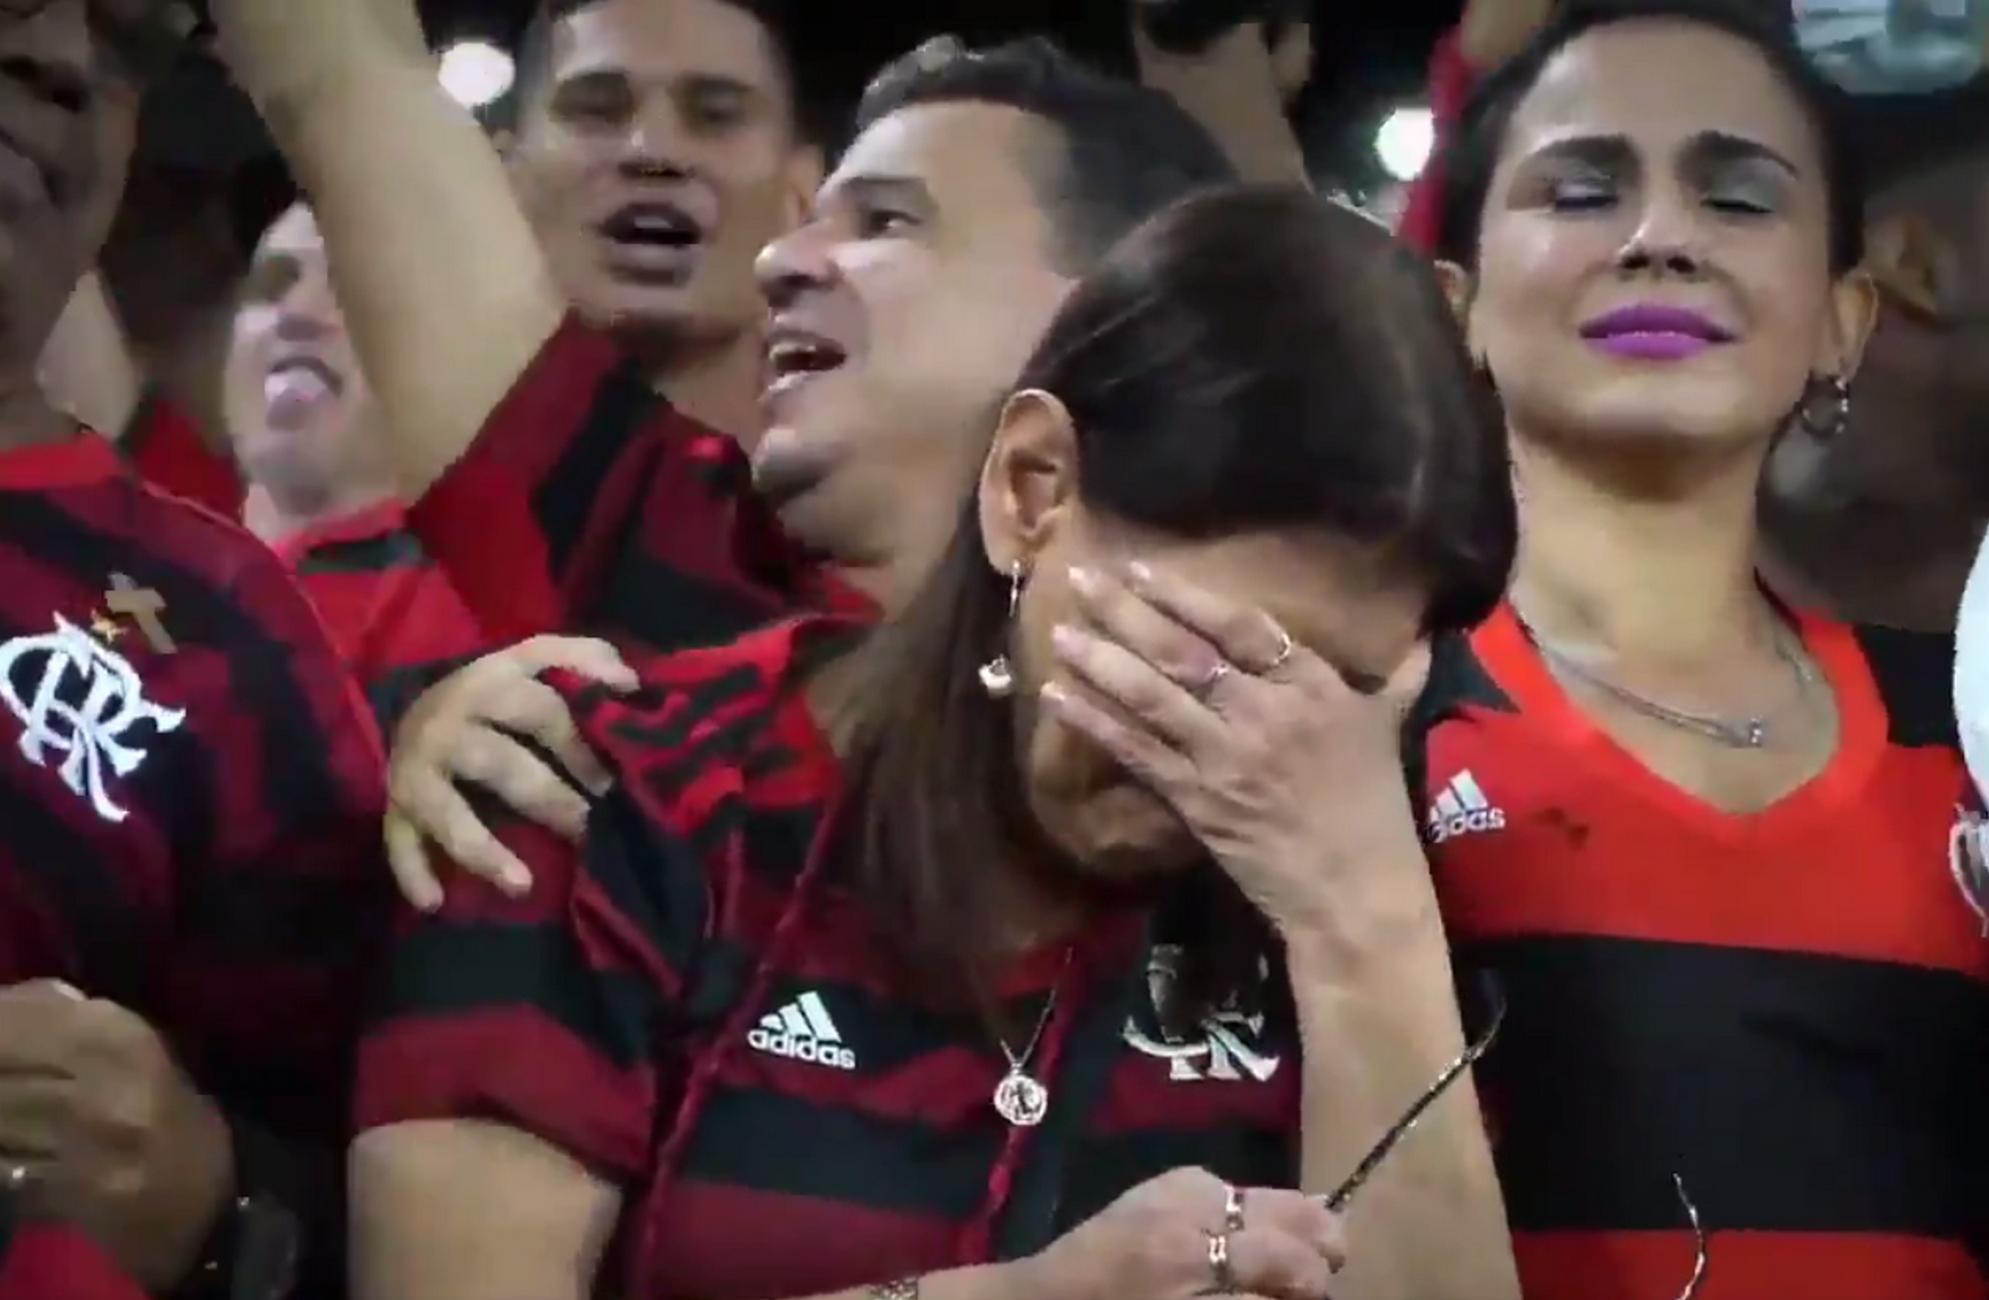 Και κλάμα η... Βραζιλιάνα κυρία! Φοβερές εικόνες από γήπεδο στη Λατινική Αμερική - video